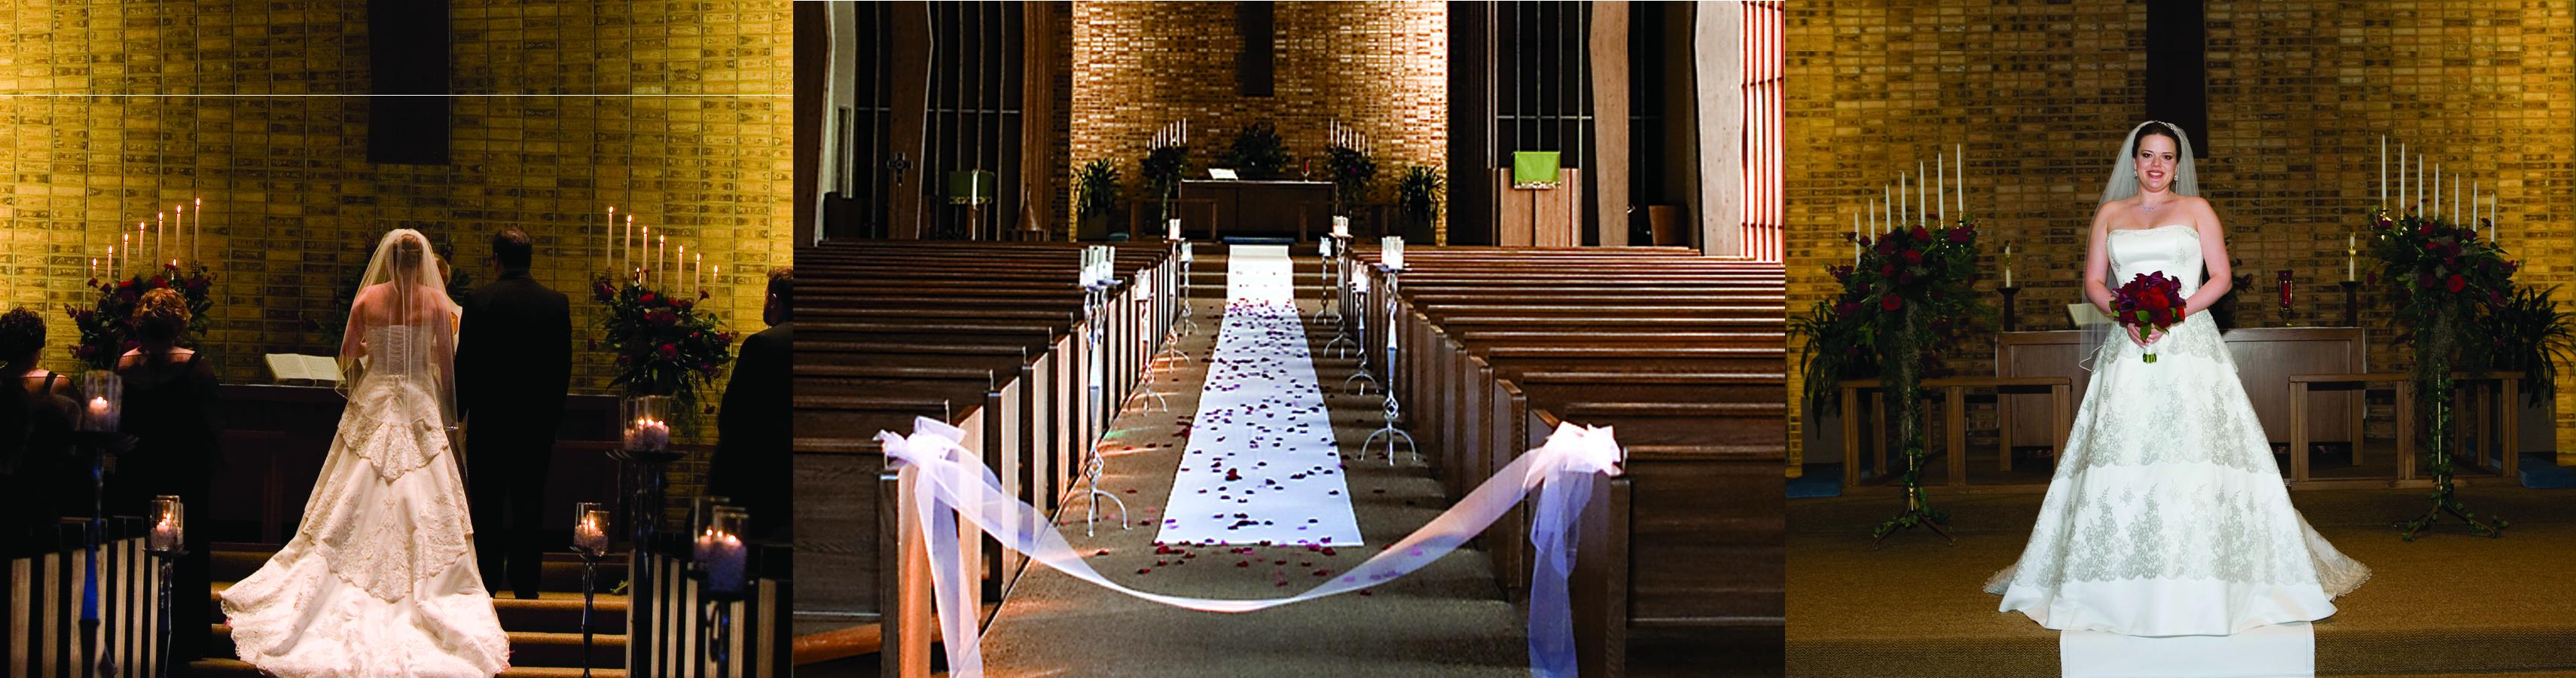 Zion Lutheran Church of Everett